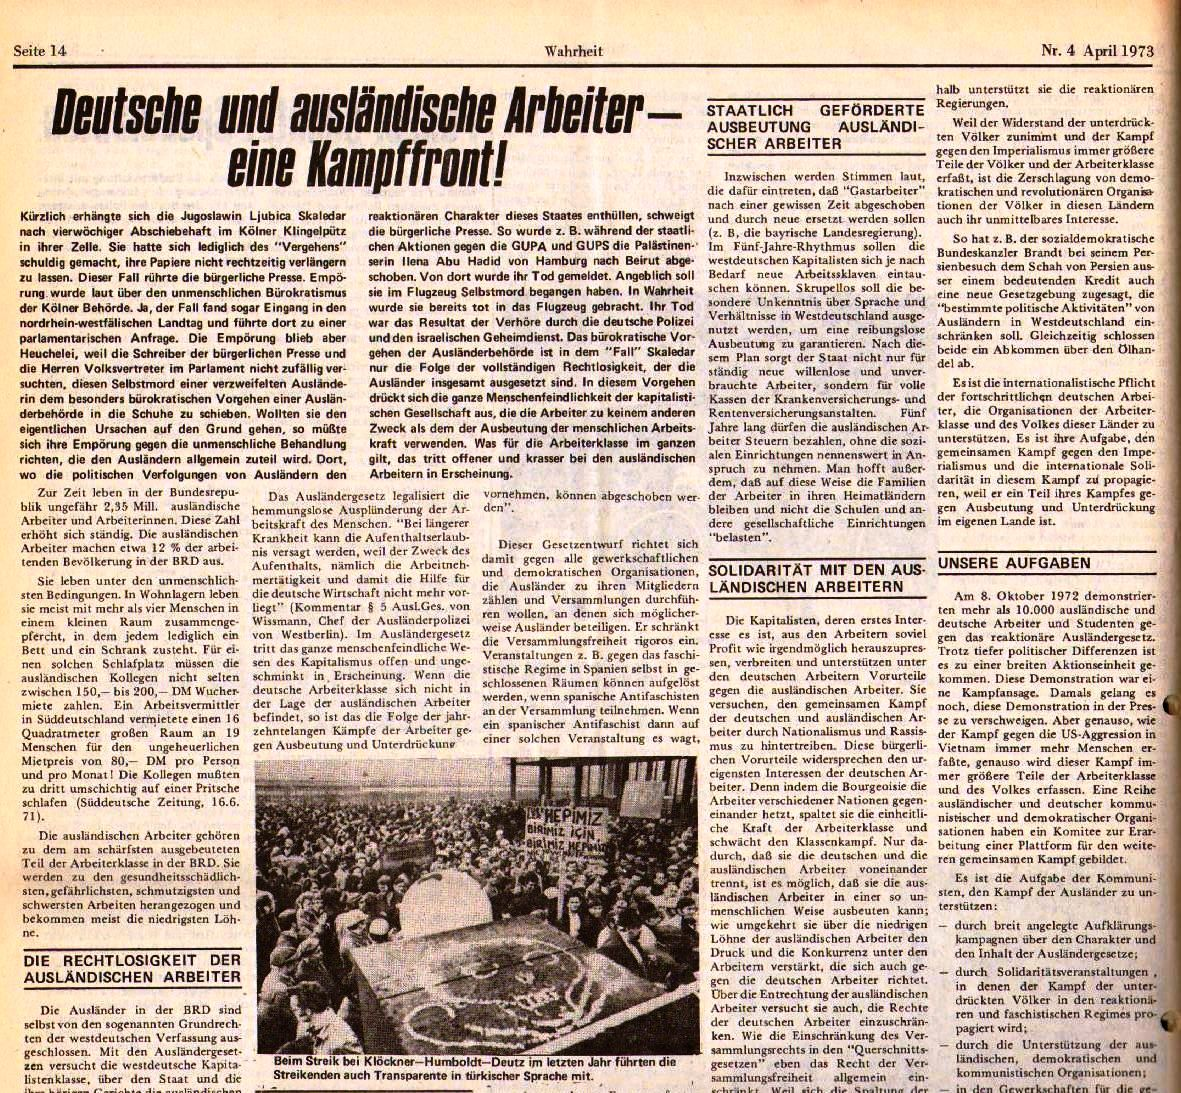 Wahrheit_1973_04_27